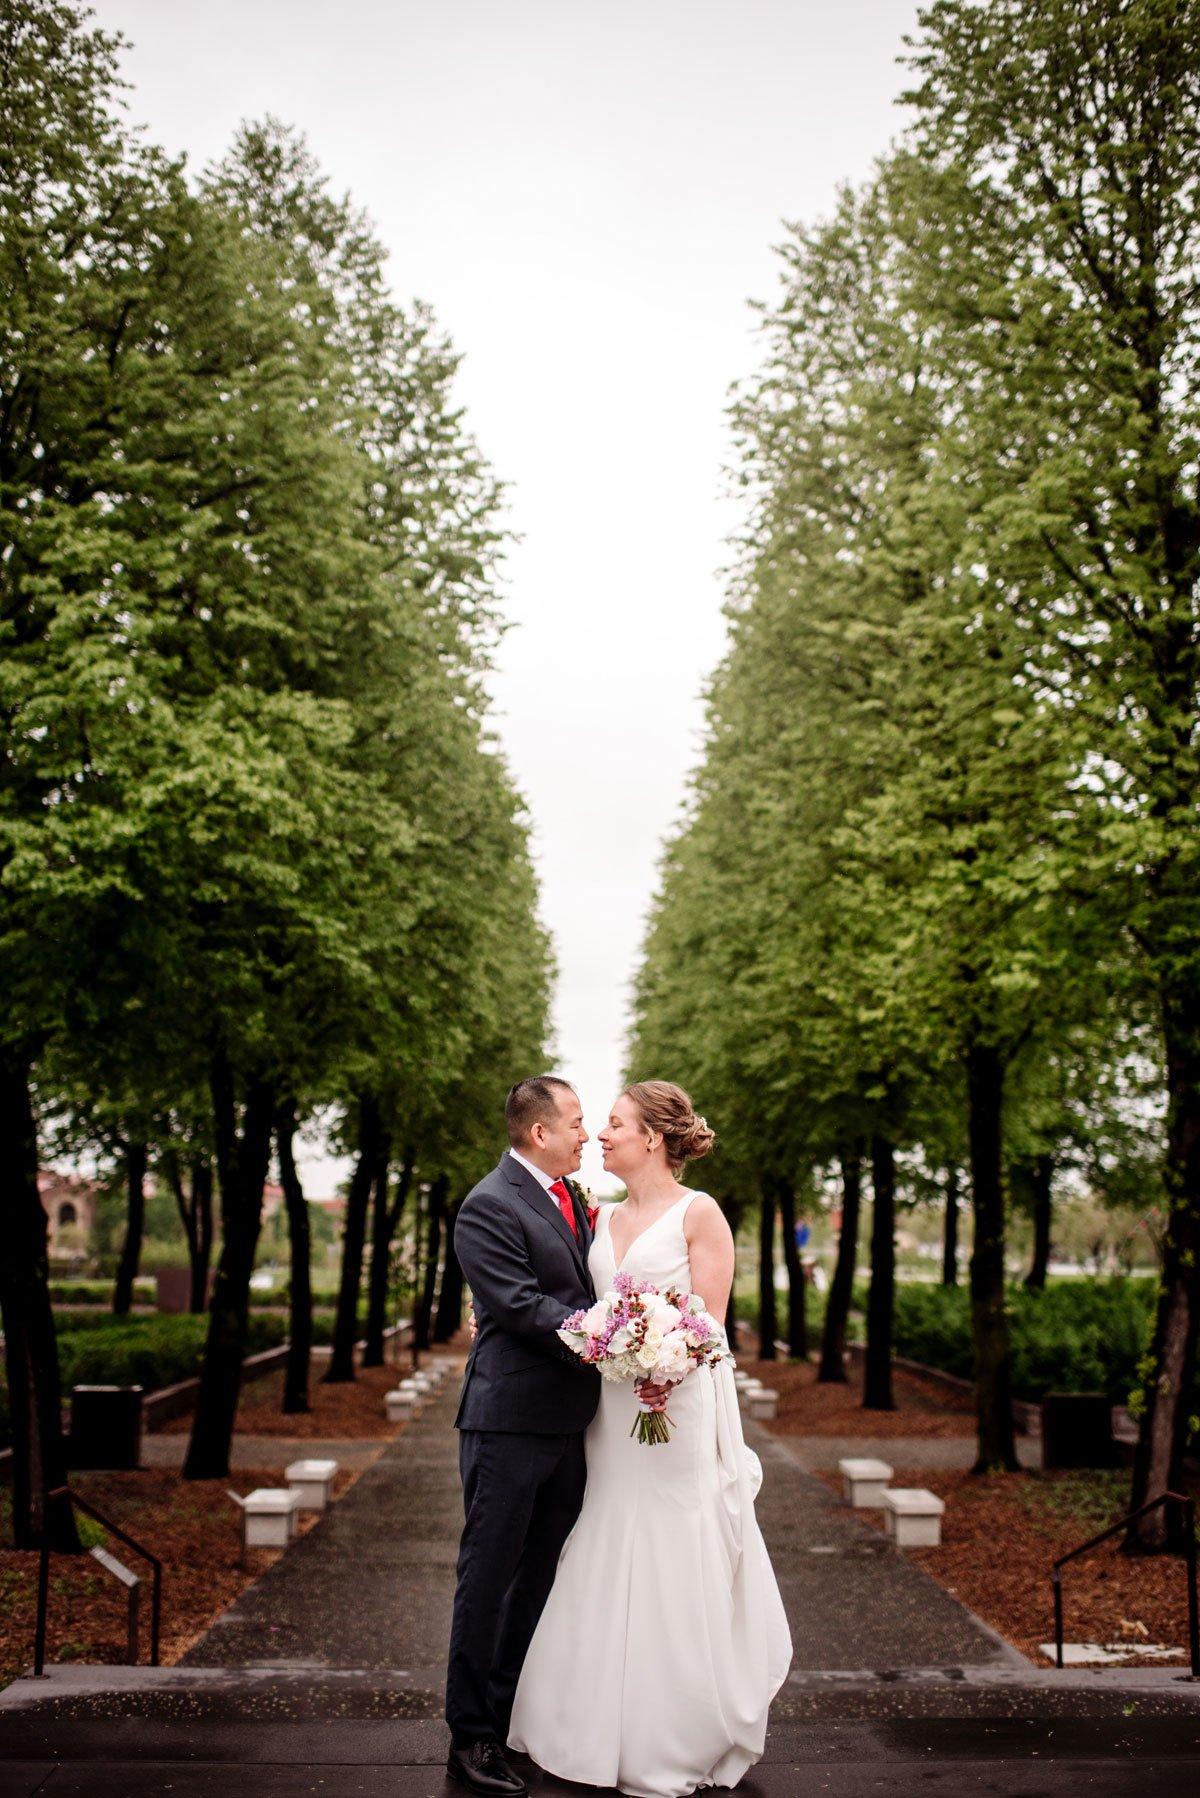 couple by sculpture garden for portraits before walker art center wedding